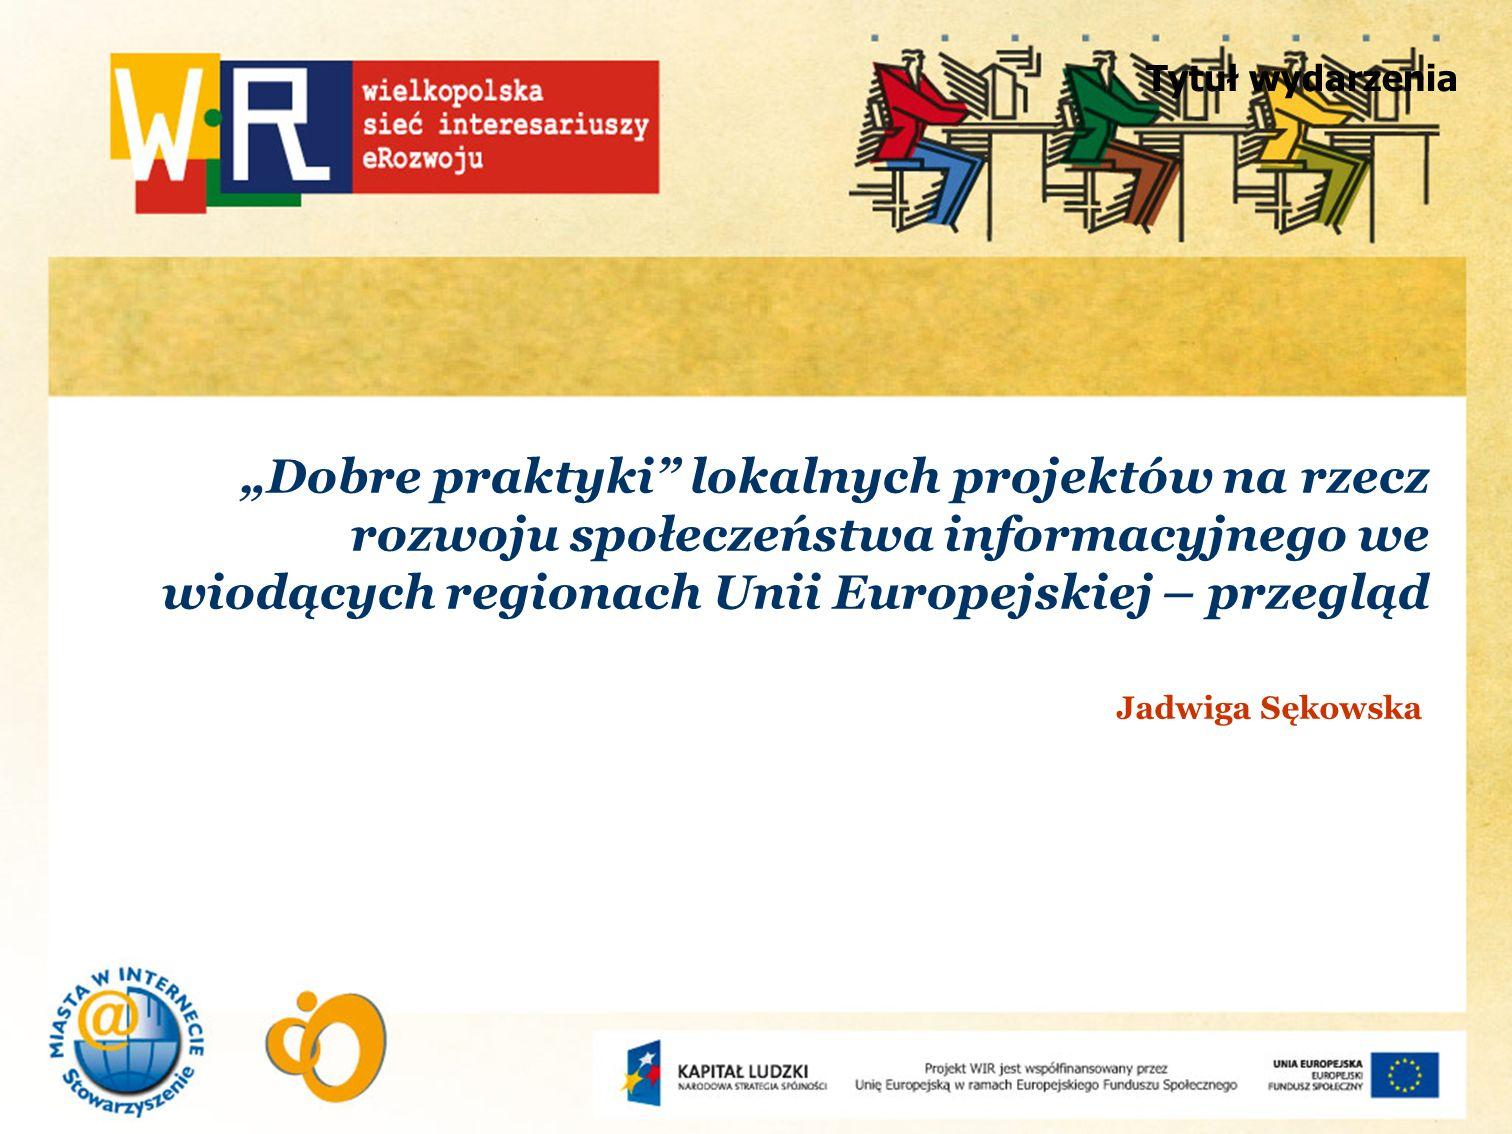 Tytuł wydarzenia Dobre praktyki lokalnych projektów na rzecz rozwoju społeczeństwa informacyjnego we wiodących regionach Unii Europejskiej – przegląd